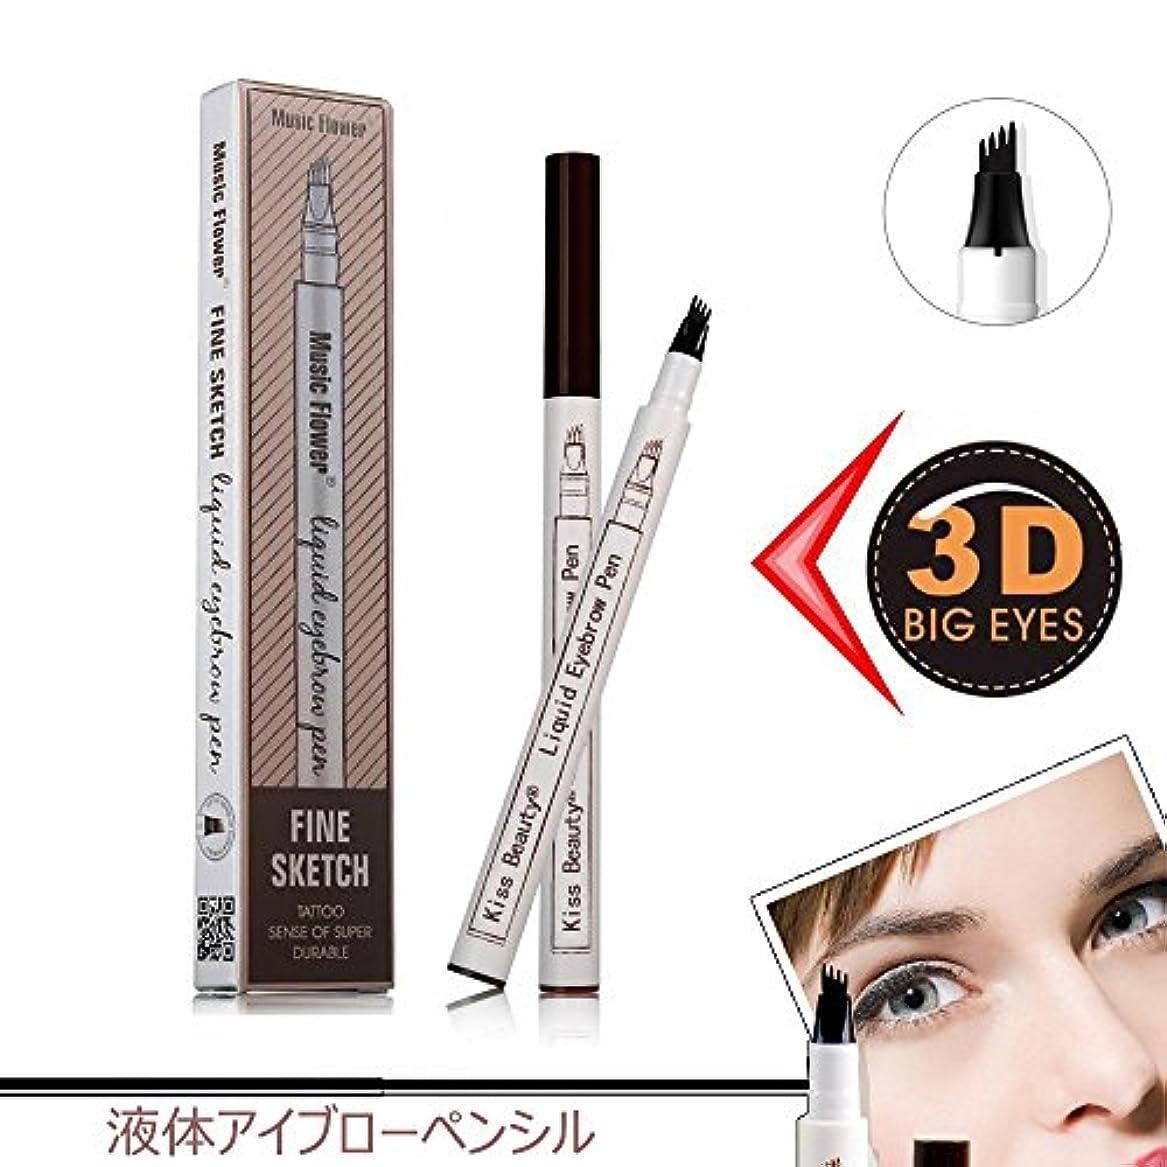 オーバーラン儀式アーチ最新 防水 耐汗性 4つのニブ タトゥー眉ペン 長持ちする眉毛ペン 液体 アイブロウペンシル 自然 3D アイブロウ 使用するのは簡単